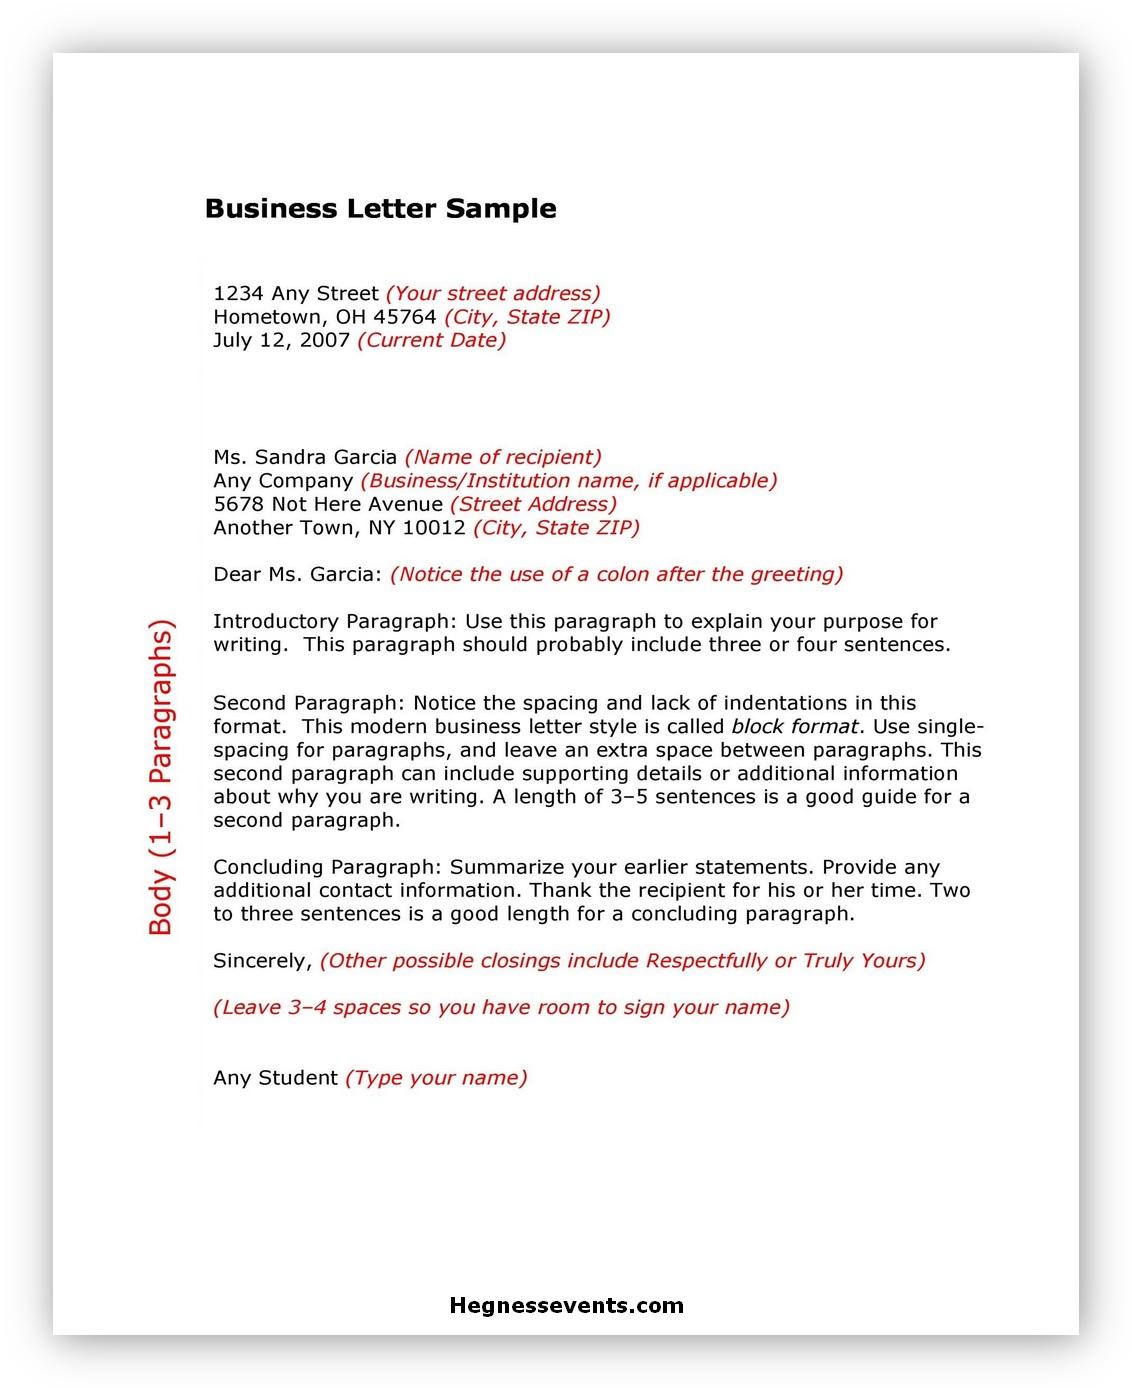 Sample Business Letter 03